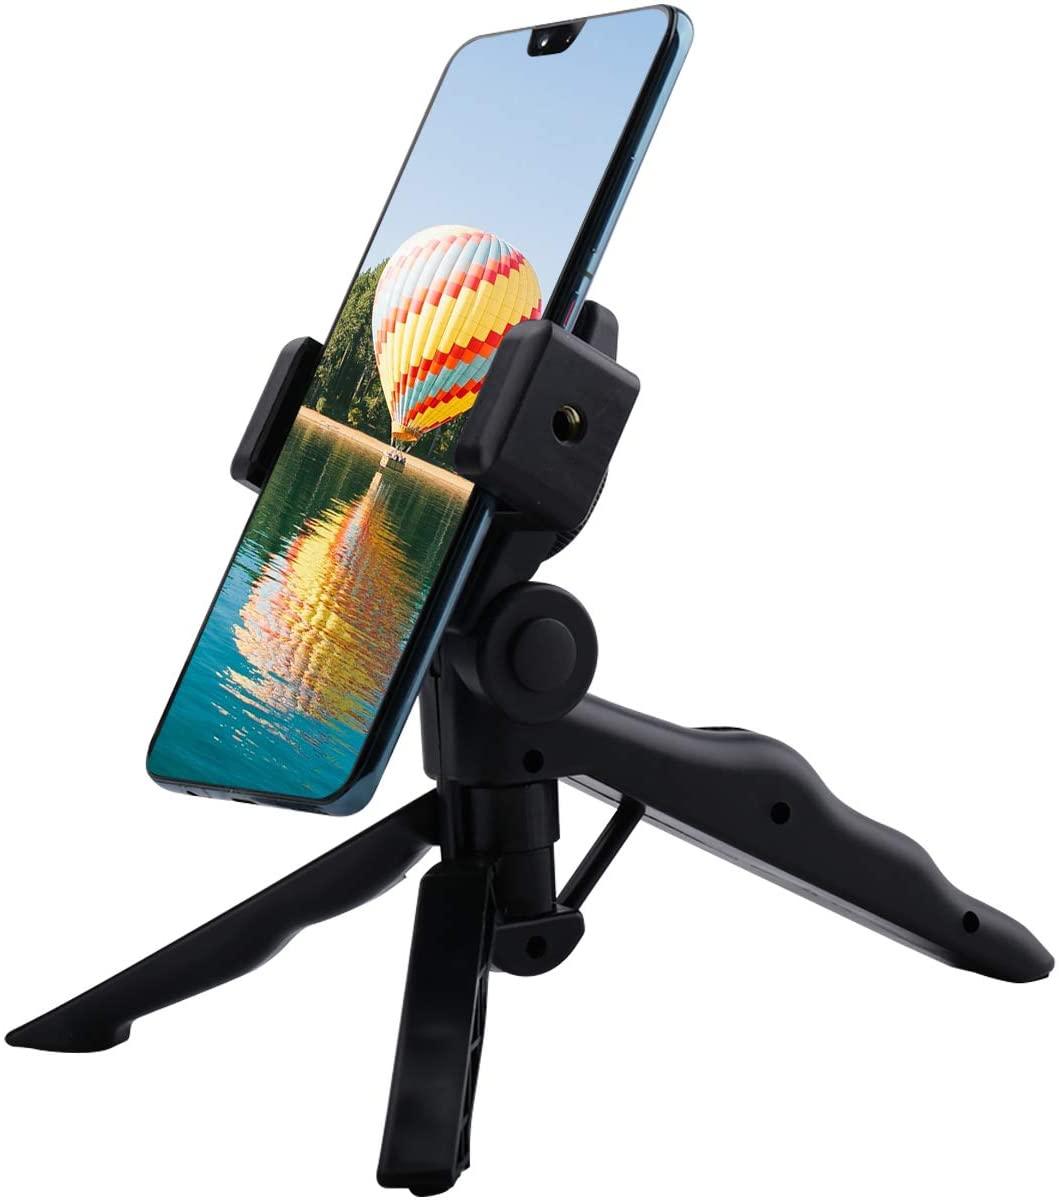 Trípode universal para smartphone (cupón de 50 pesos de descuento disponible)